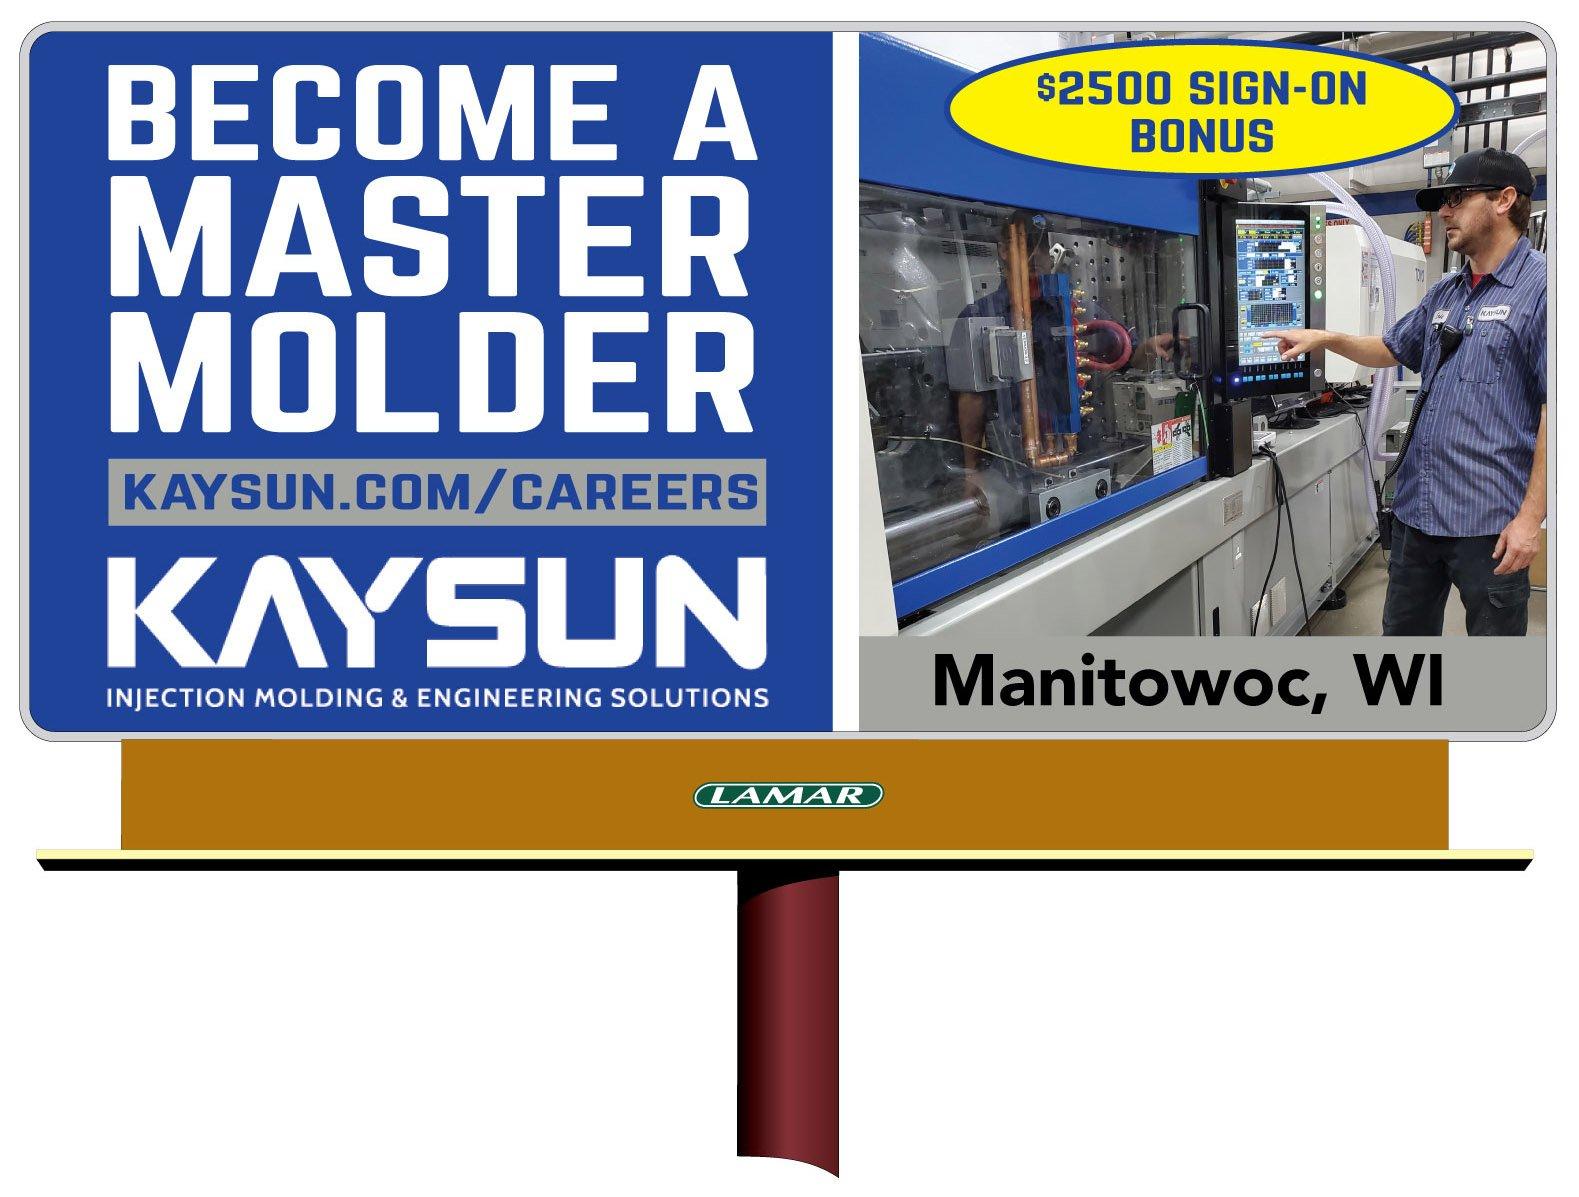 Kaysun-071221-MoldTechBonus